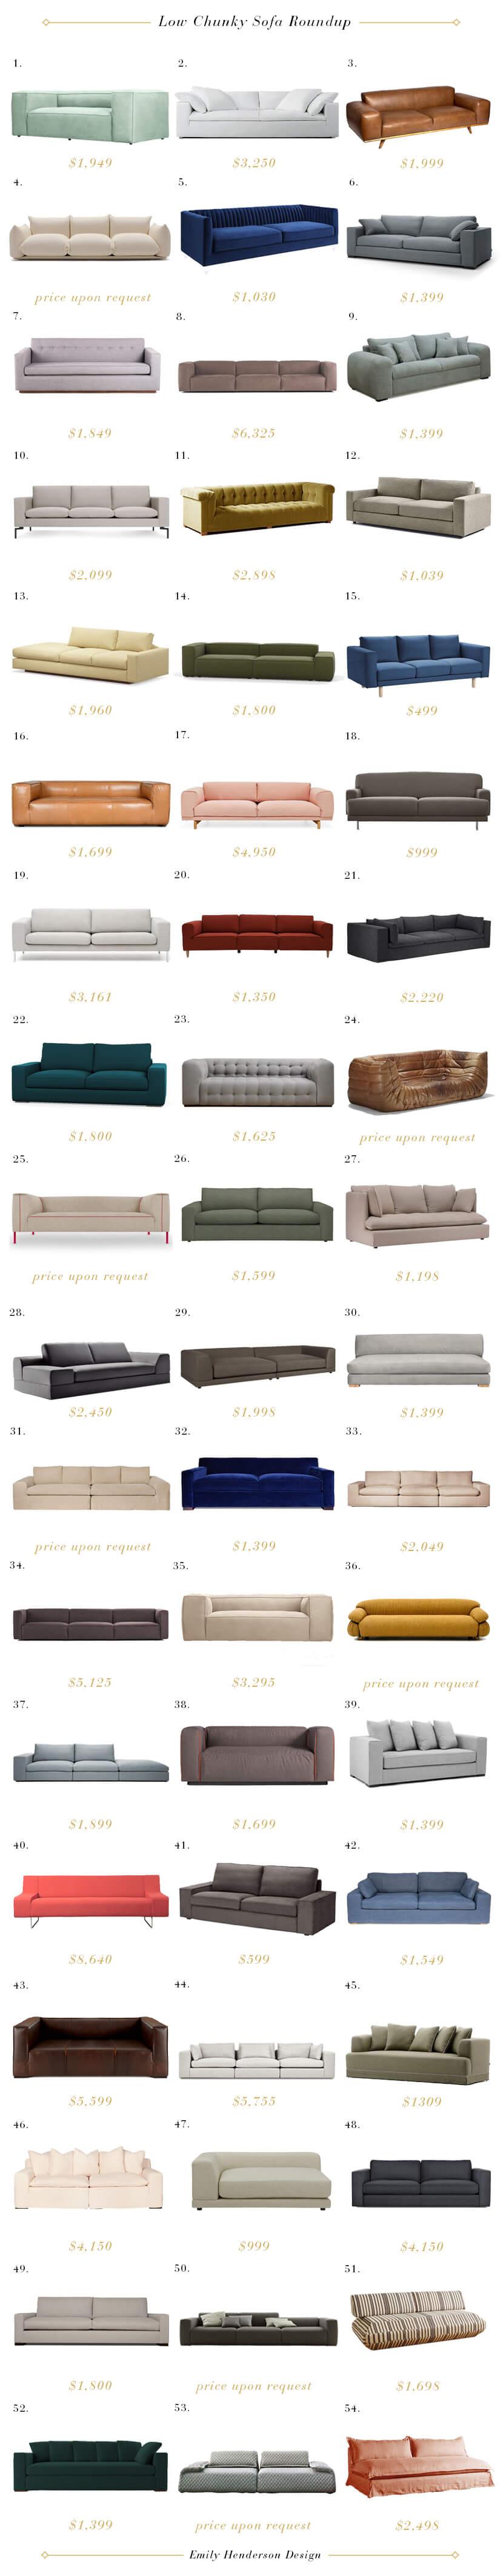 Bộ sưu tập các loại chunky sofa